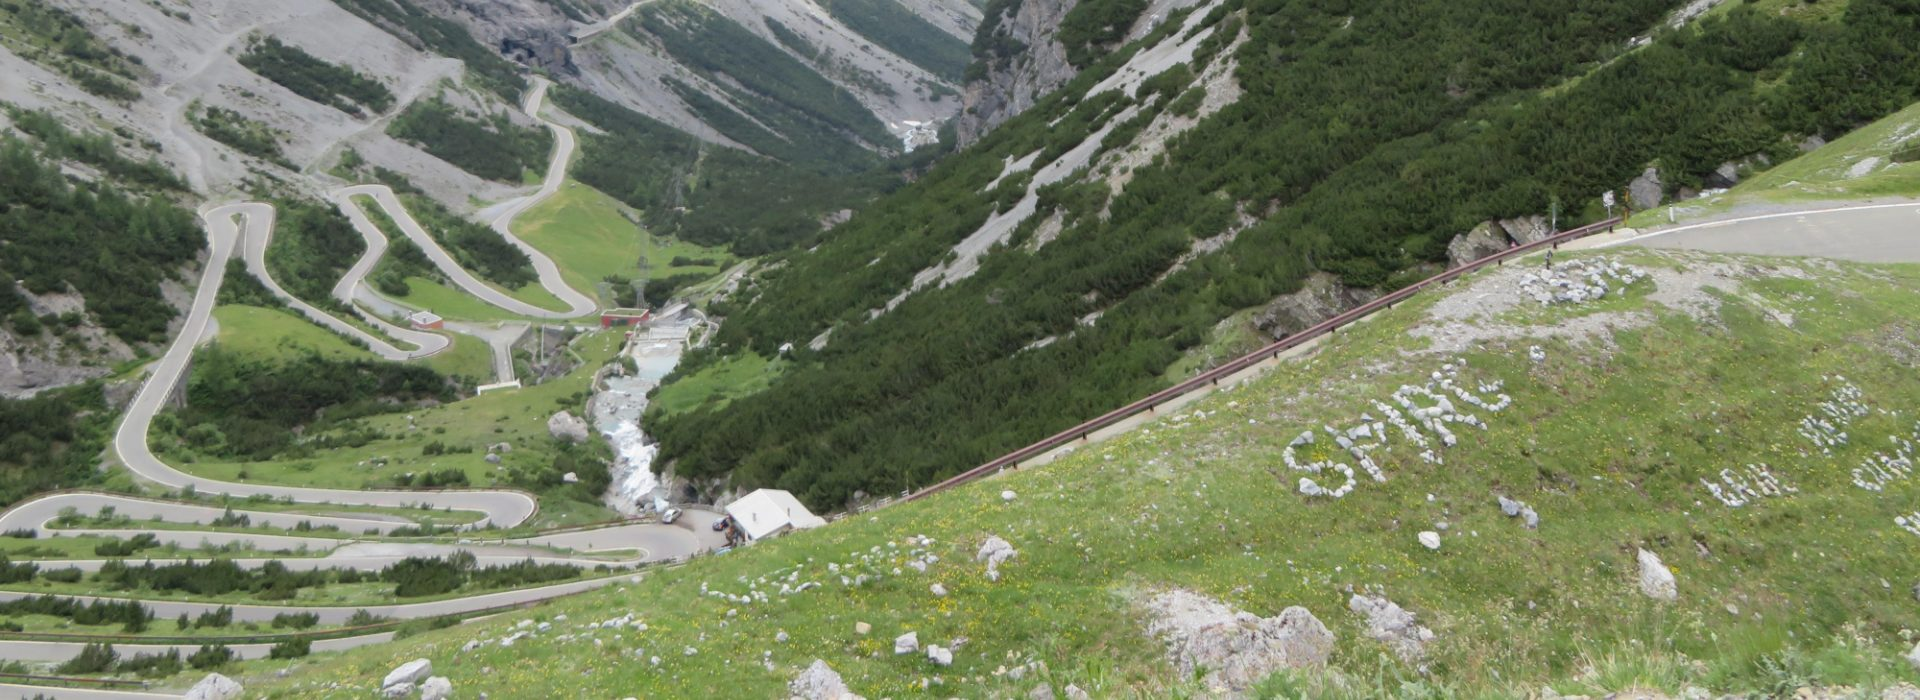 Stelvio Pass Alpine Motorcycle Tour